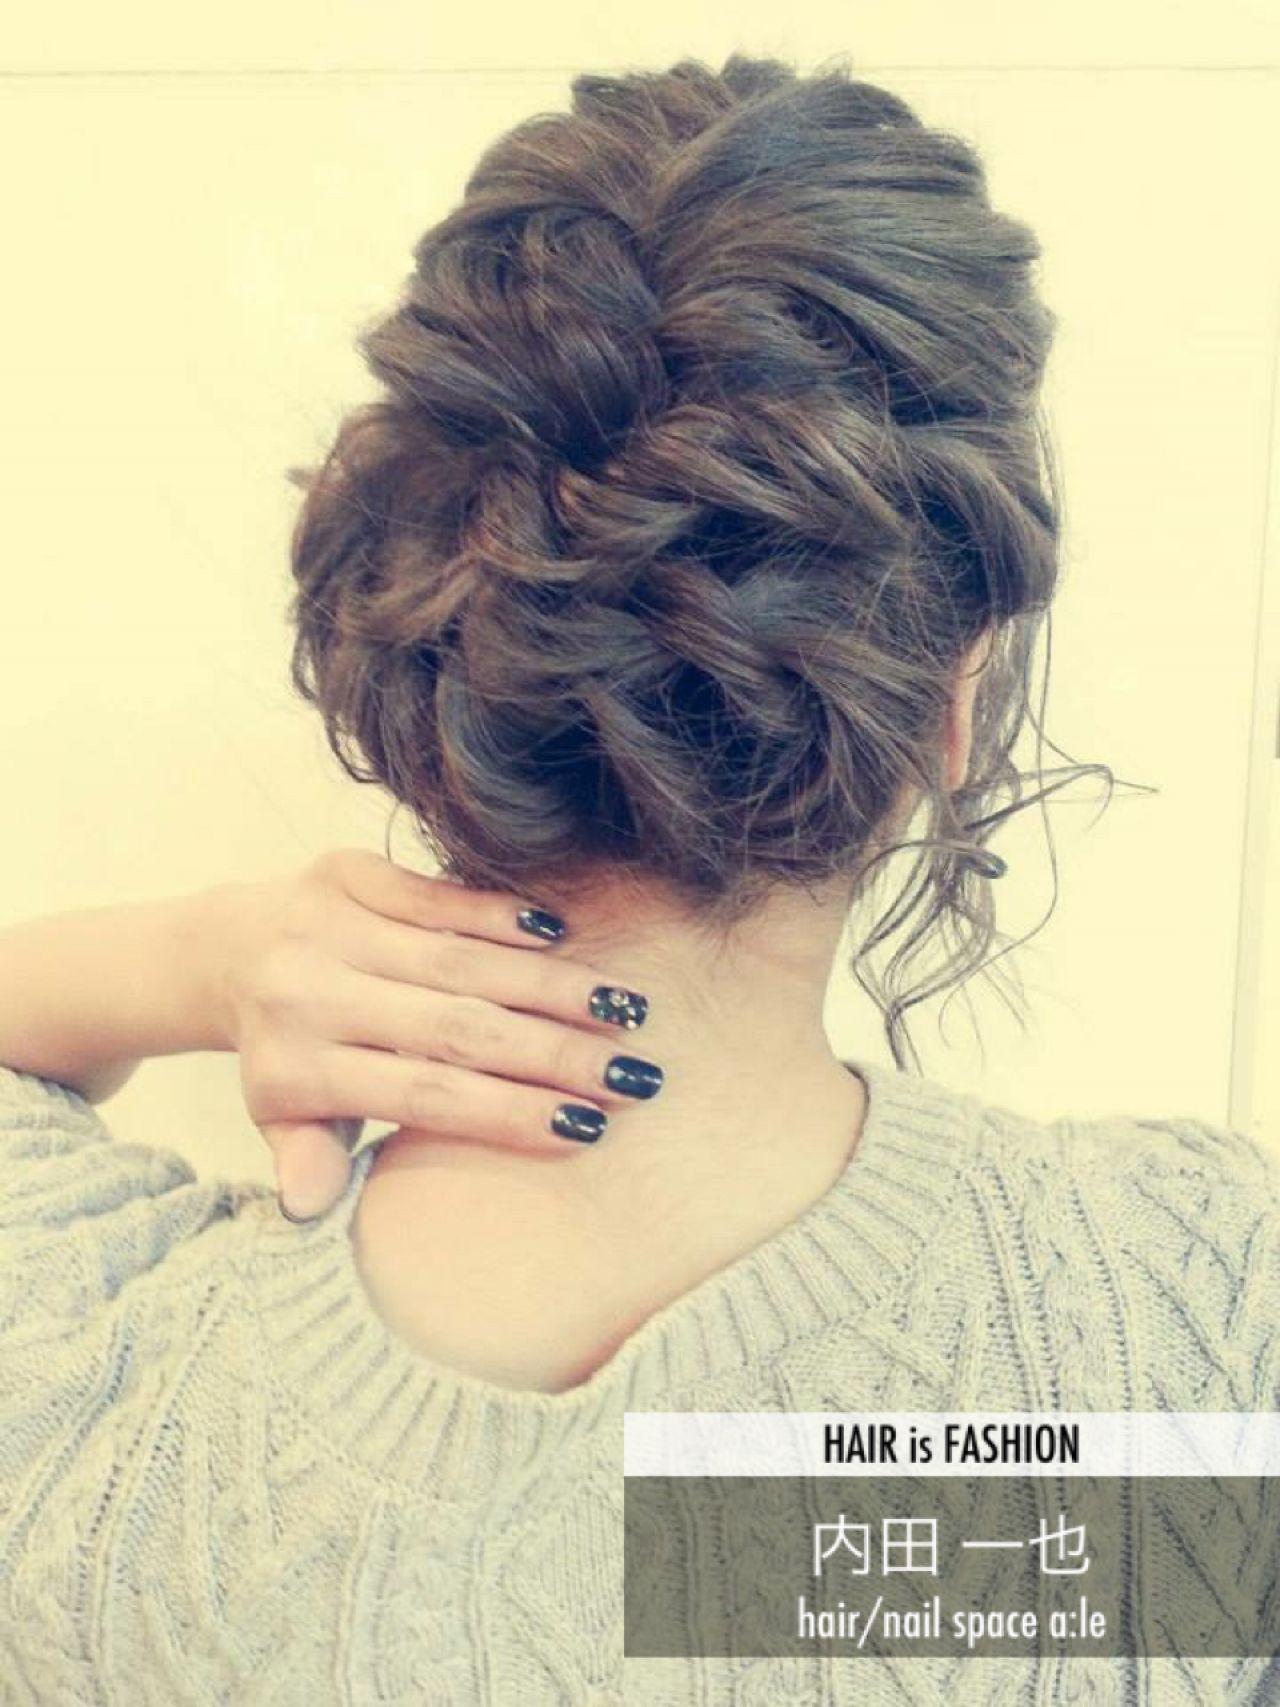 コンサバ 結婚式 編み込み 簡単ヘアアレンジ ヘアスタイルや髪型の写真・画像 | 内田 一也 / hair/nail space a:le